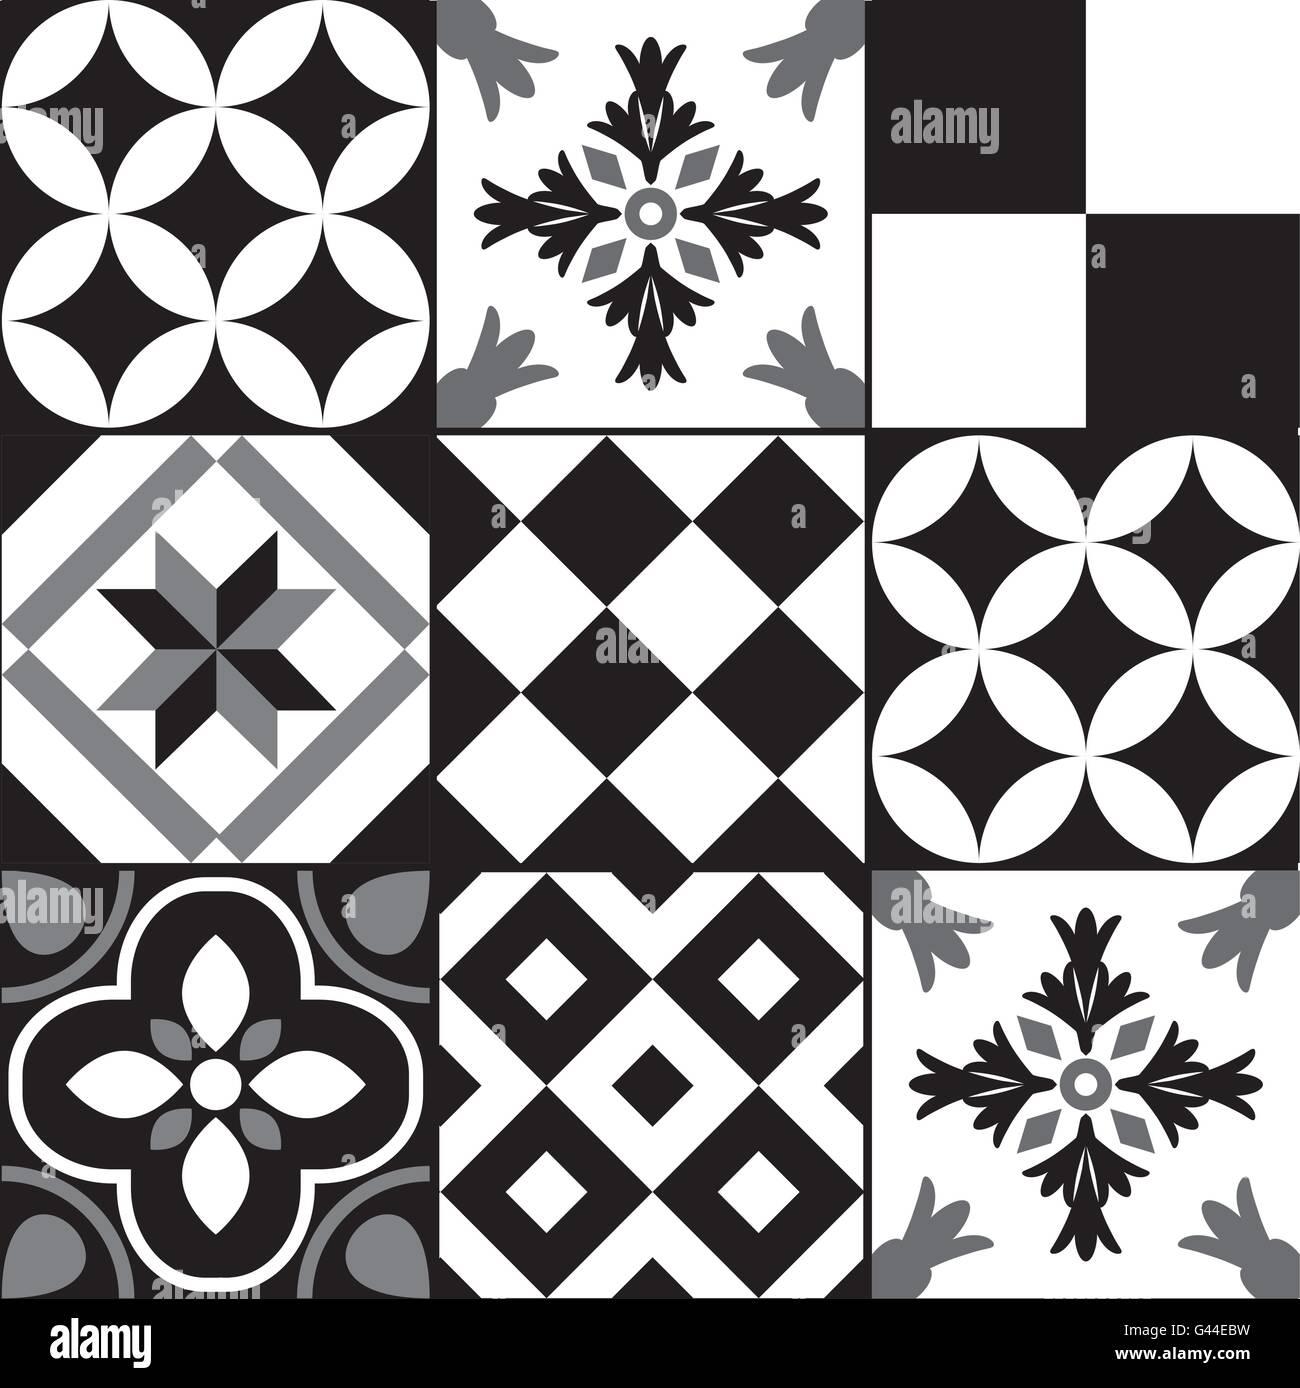 Schwarz Weiß Zement Fliesen Hintergrunddesign Vektor